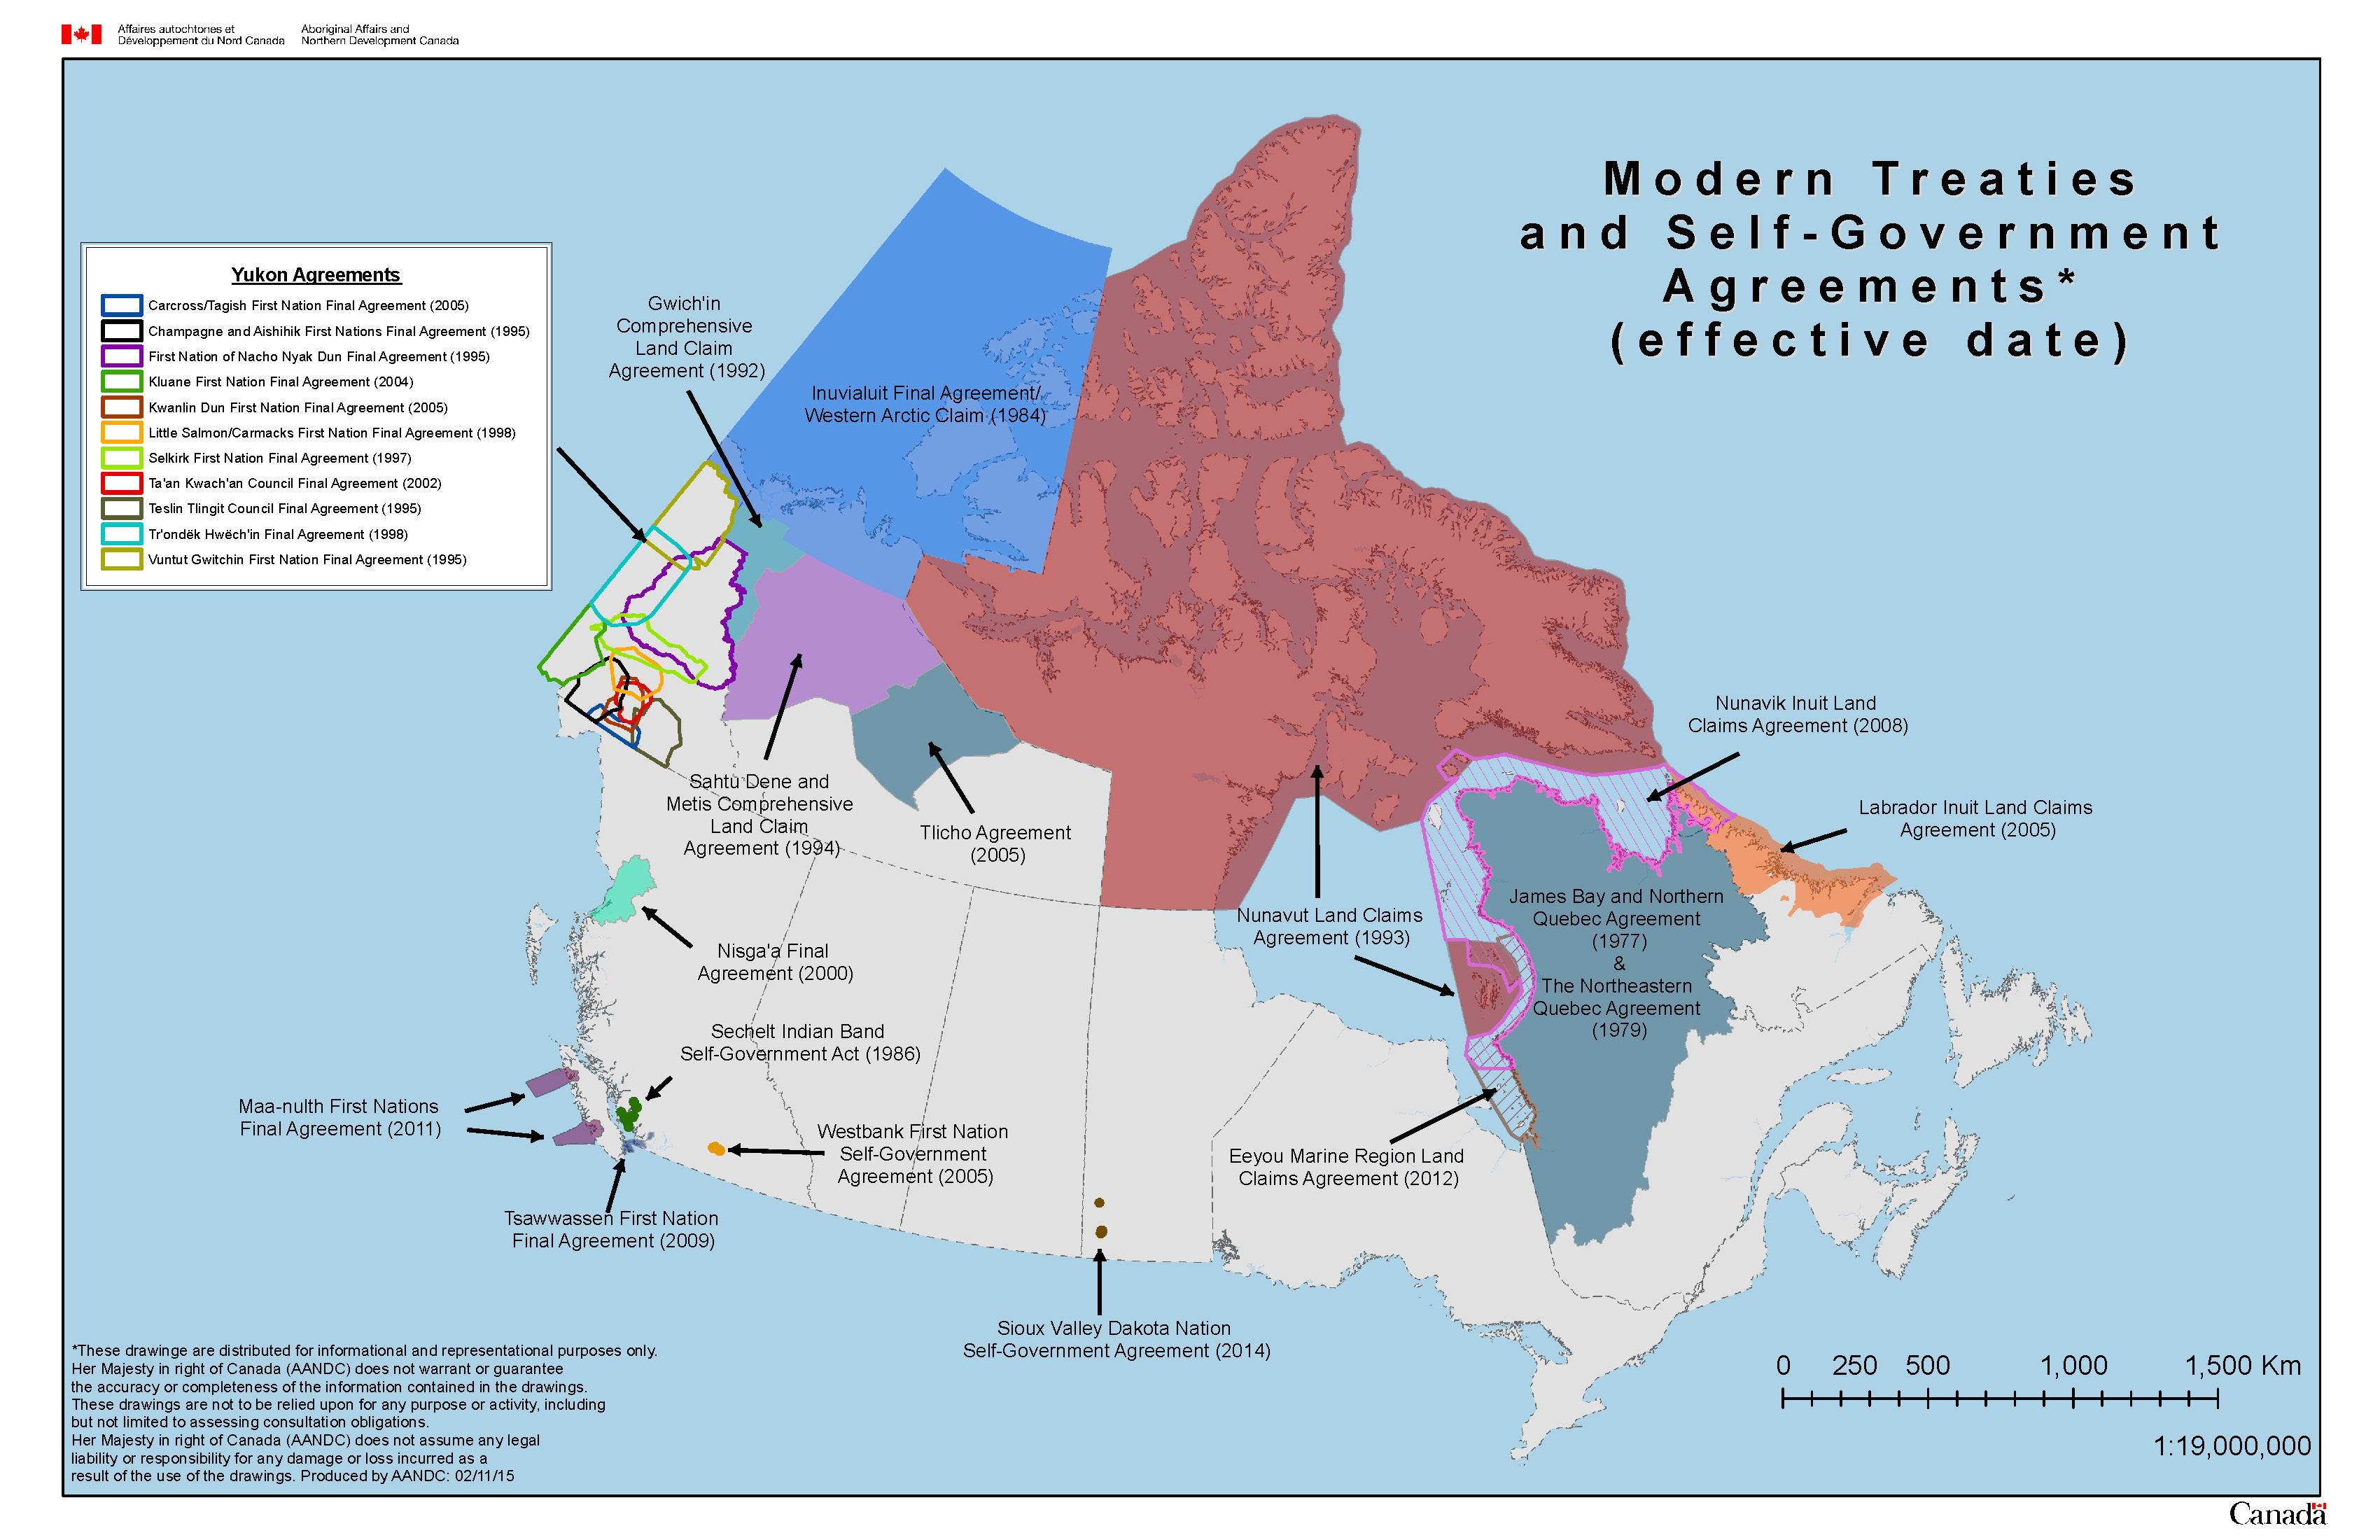 mprm_pdf_modrn-treaty_1383144351646_eng